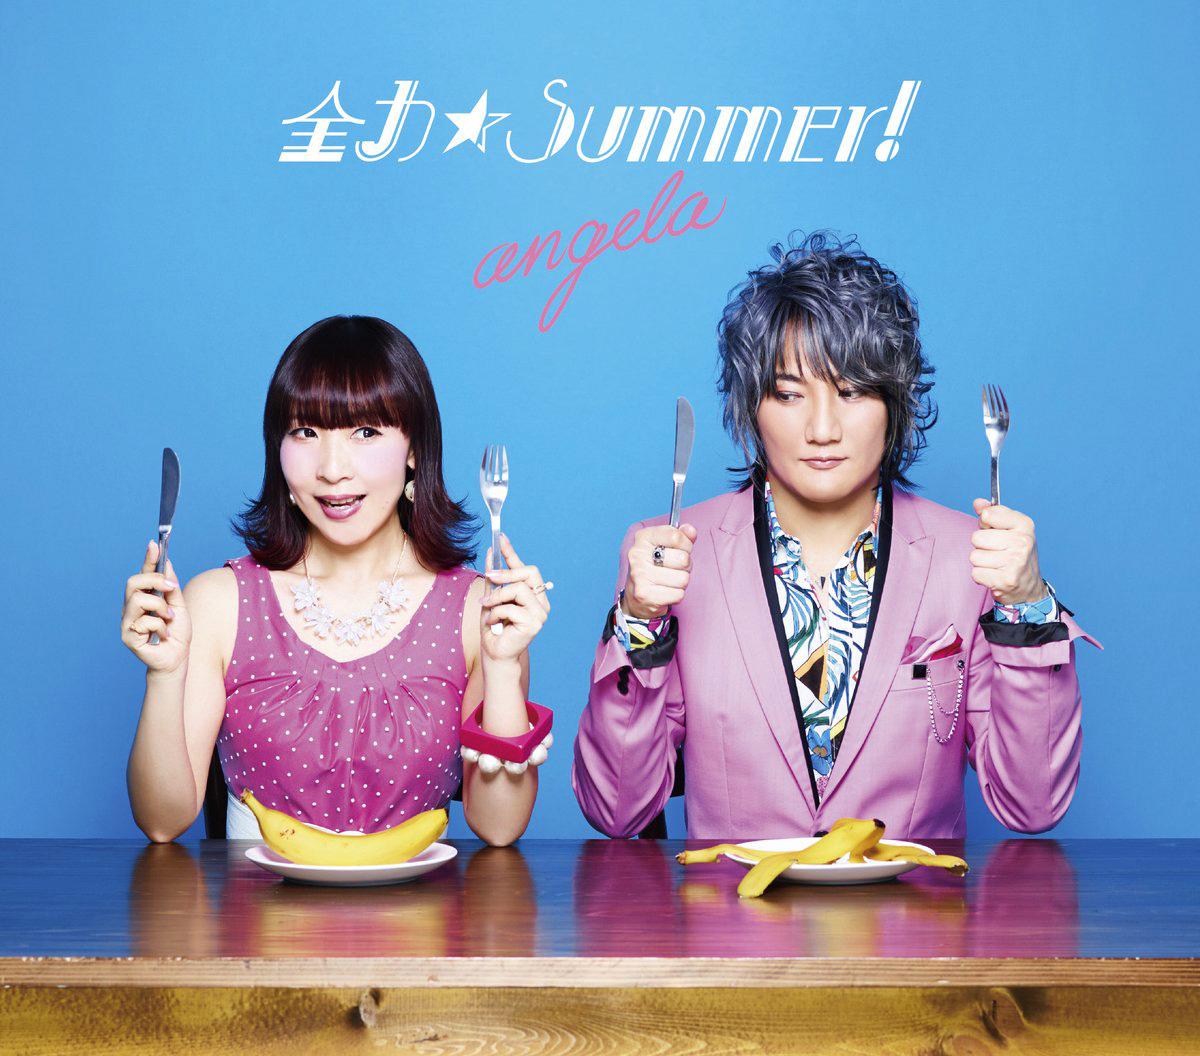 RMMS-angela-Zenryoku-Summer-jacket-1200